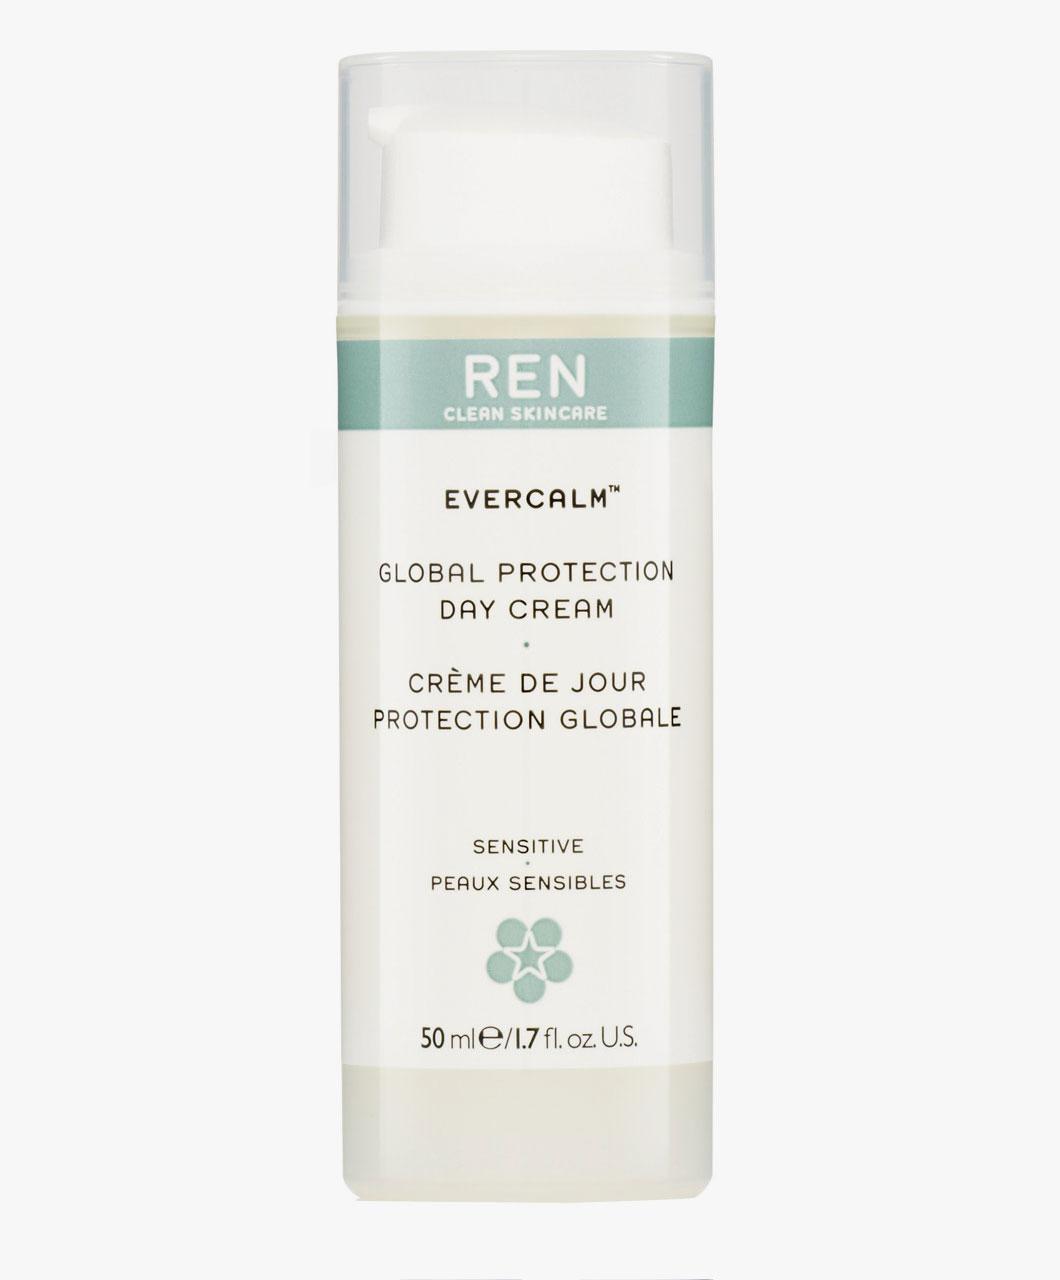 ren skincare day cream